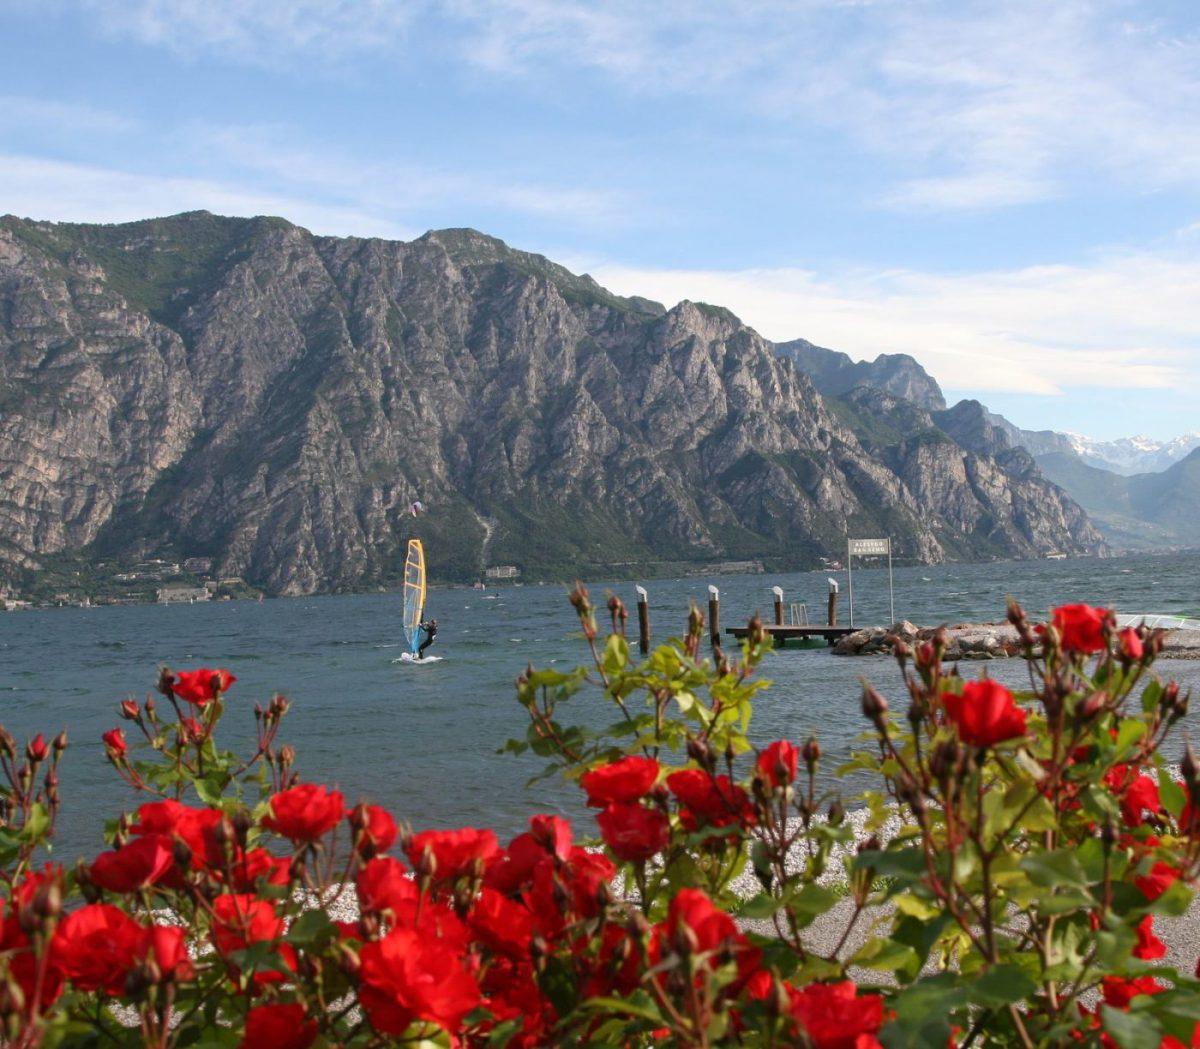 Lake Garda windsurfing